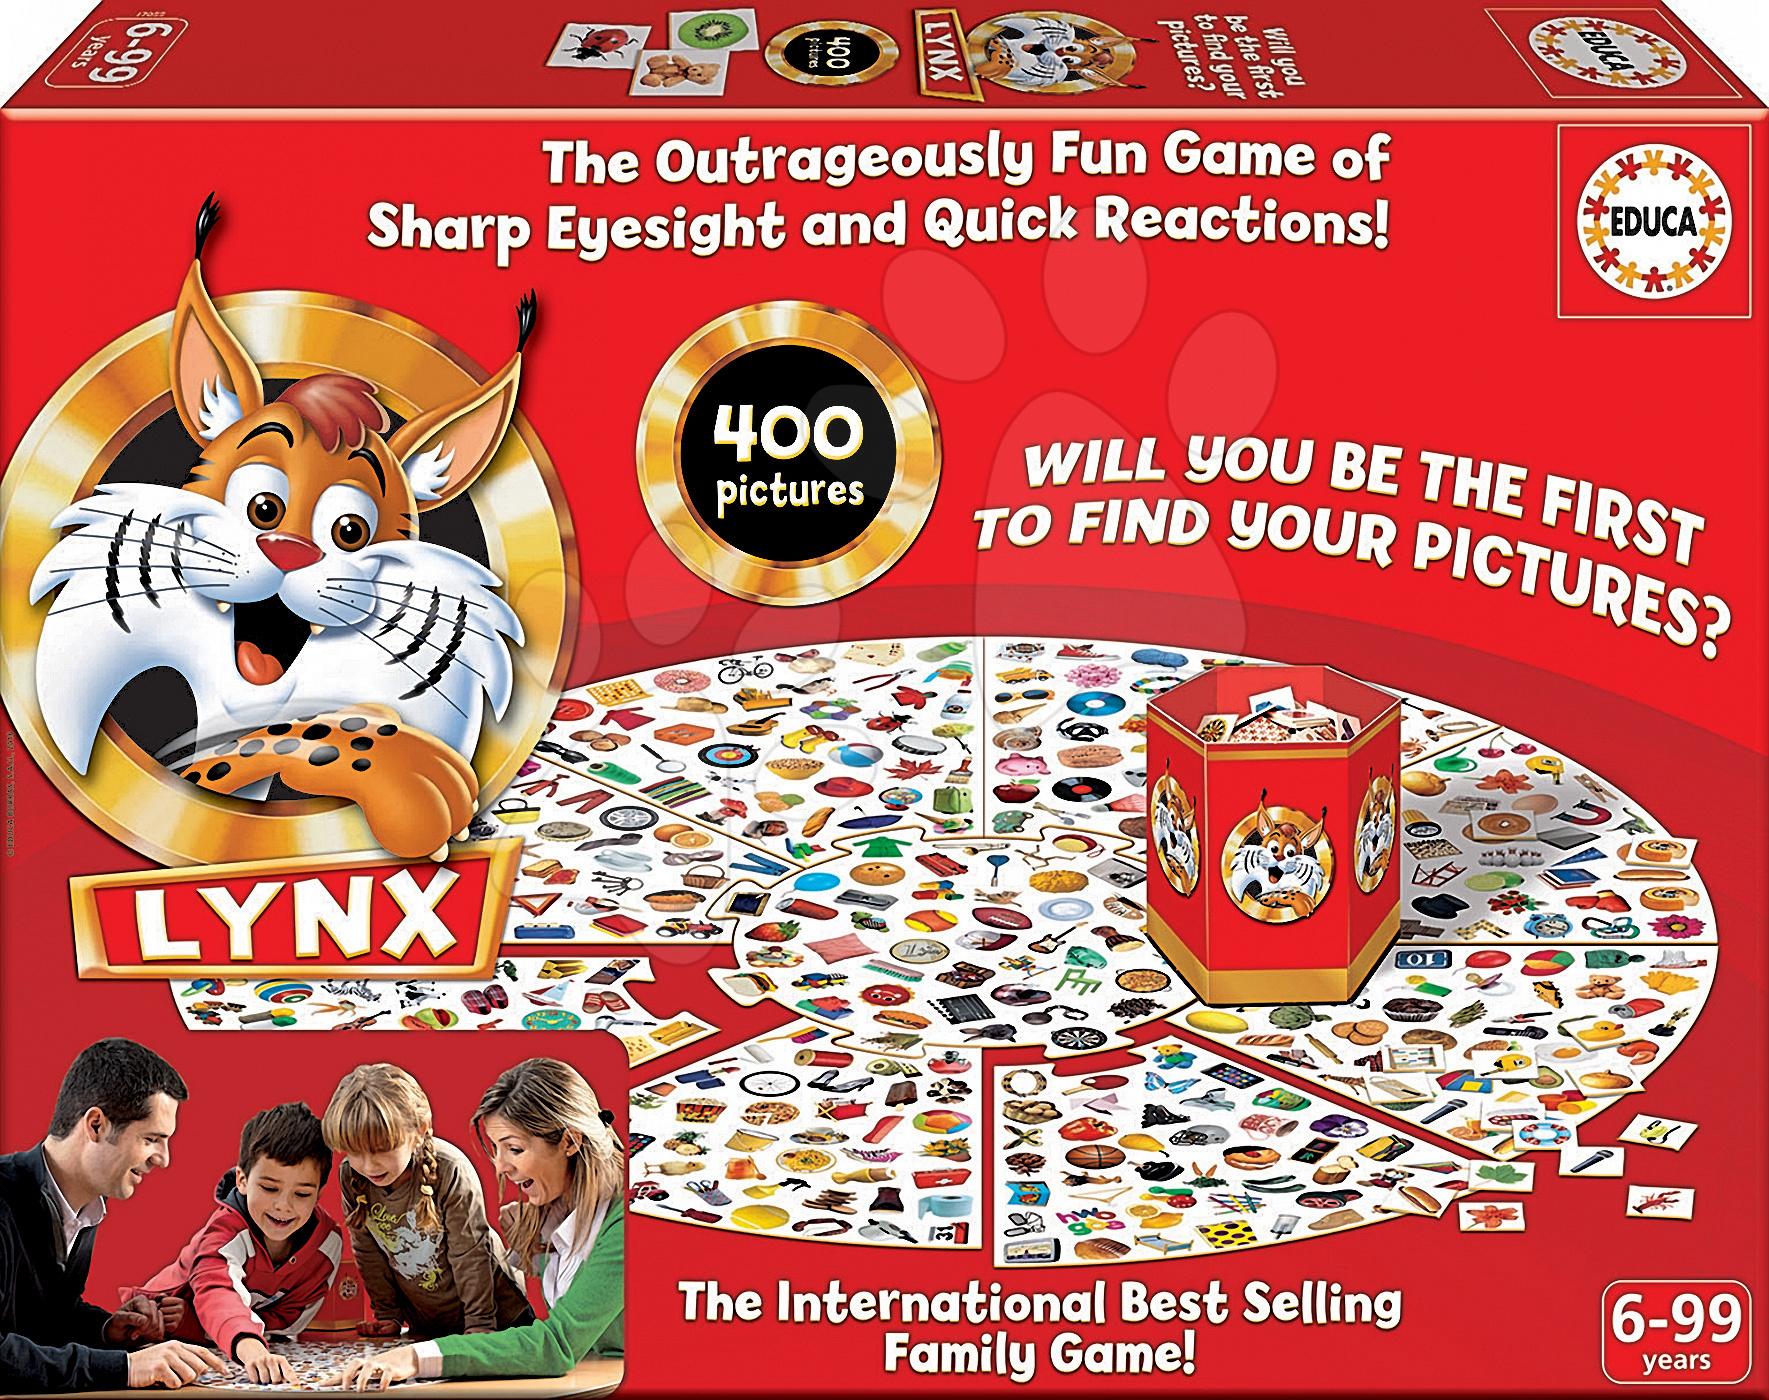 Rodinná spoločenská hra Lynx Educa 400 obrázkov v angličtine od 6 rokov